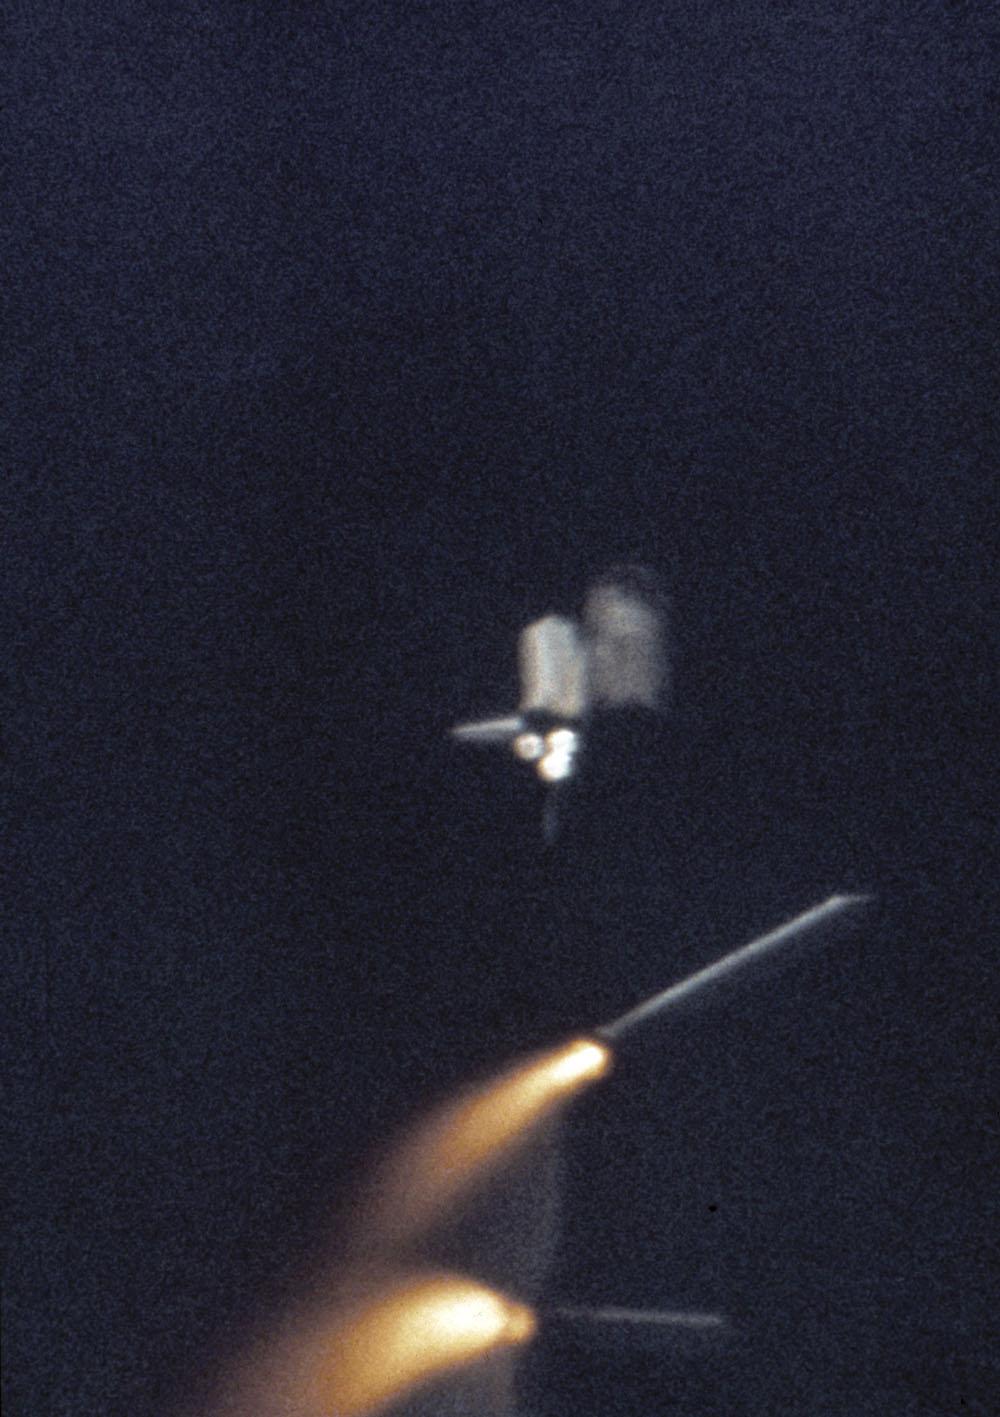 Les deux propulseurs de fusée solide se séparent du réservoir externe de la navette spatiale de la NASA Columbia après son lancement le 12 avril 1981 depuis le Kennedy Space Center en Floride.  La mission STS-1 de Columbia était la première mission habitée de la NASA depuis l'Apollo-Soyouz Test Proj